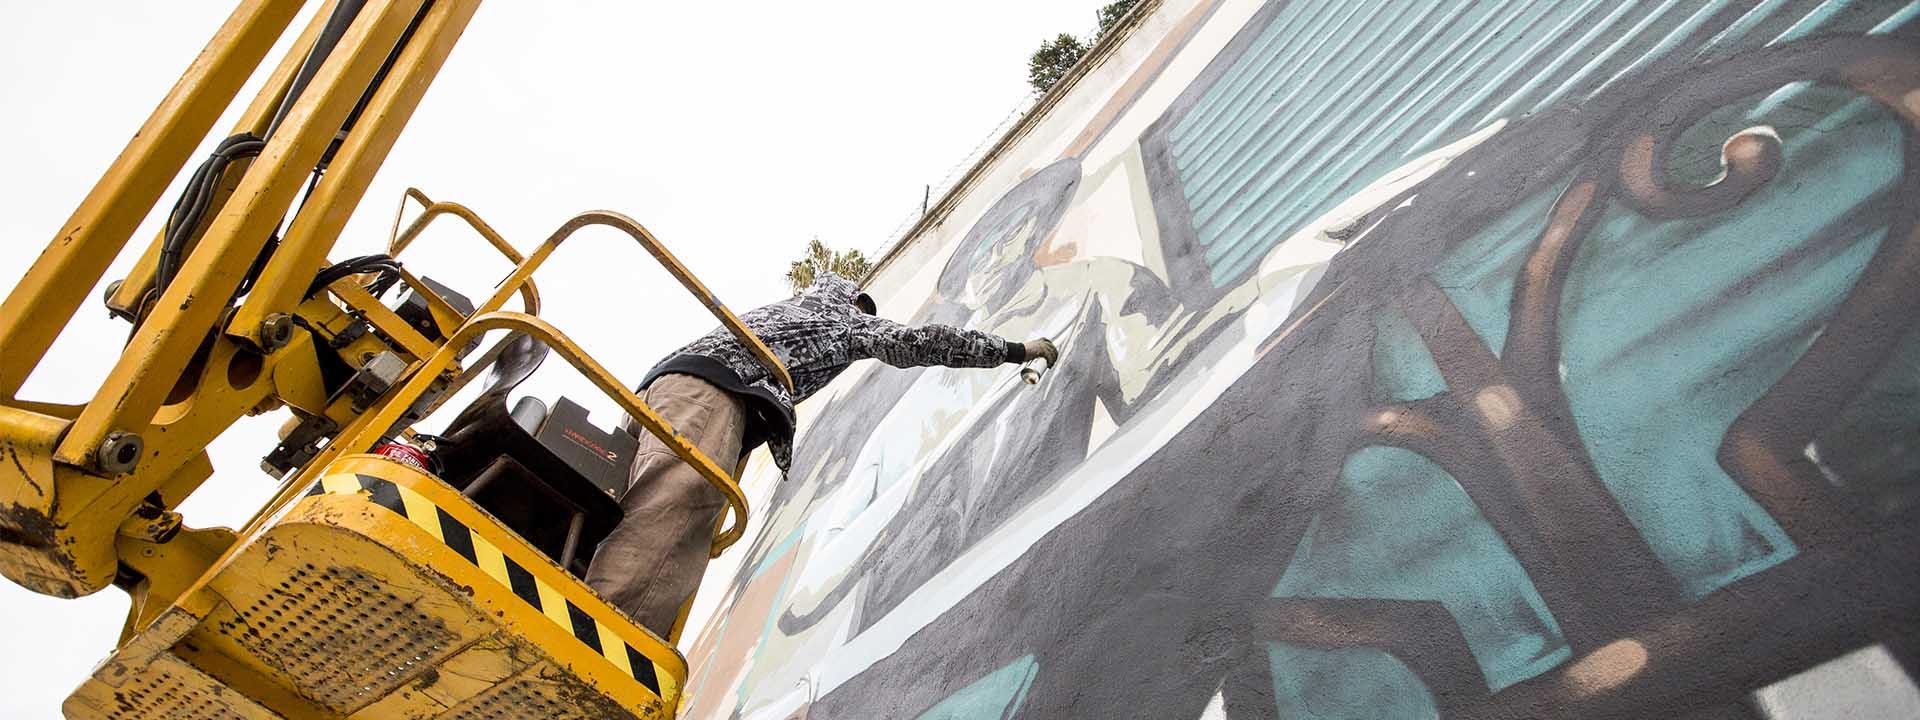 Sérgio Odeith, o street artista português que pintou Fernando Pessoa através do Surface.